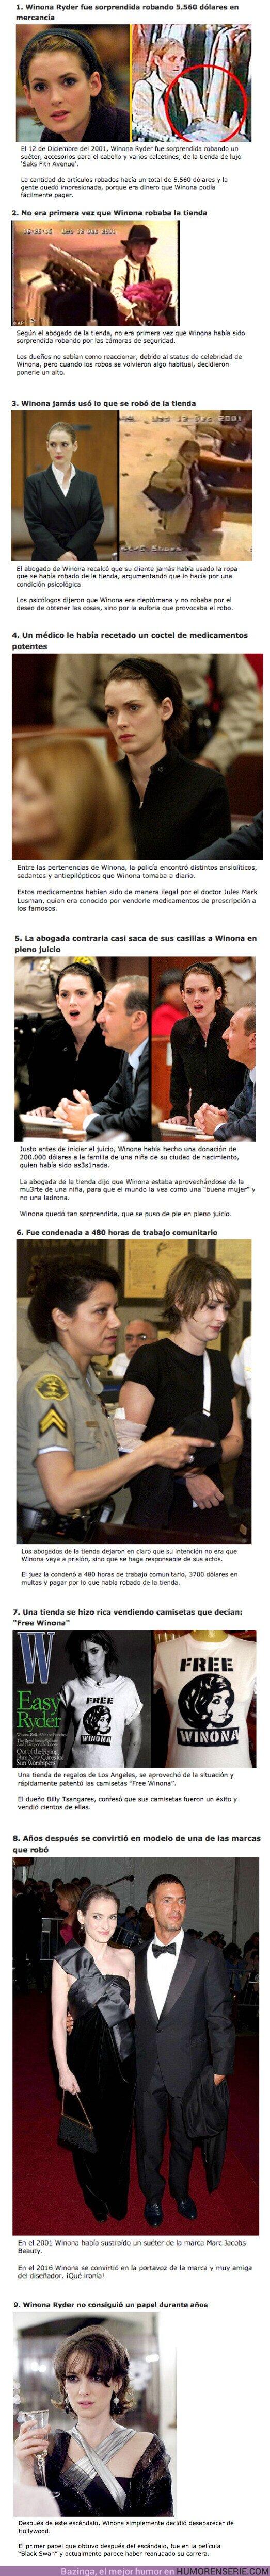 70166 - GALERÍA: 9 Detalles sobre la vez en la que Winona Ryder robó una tienda de ropa